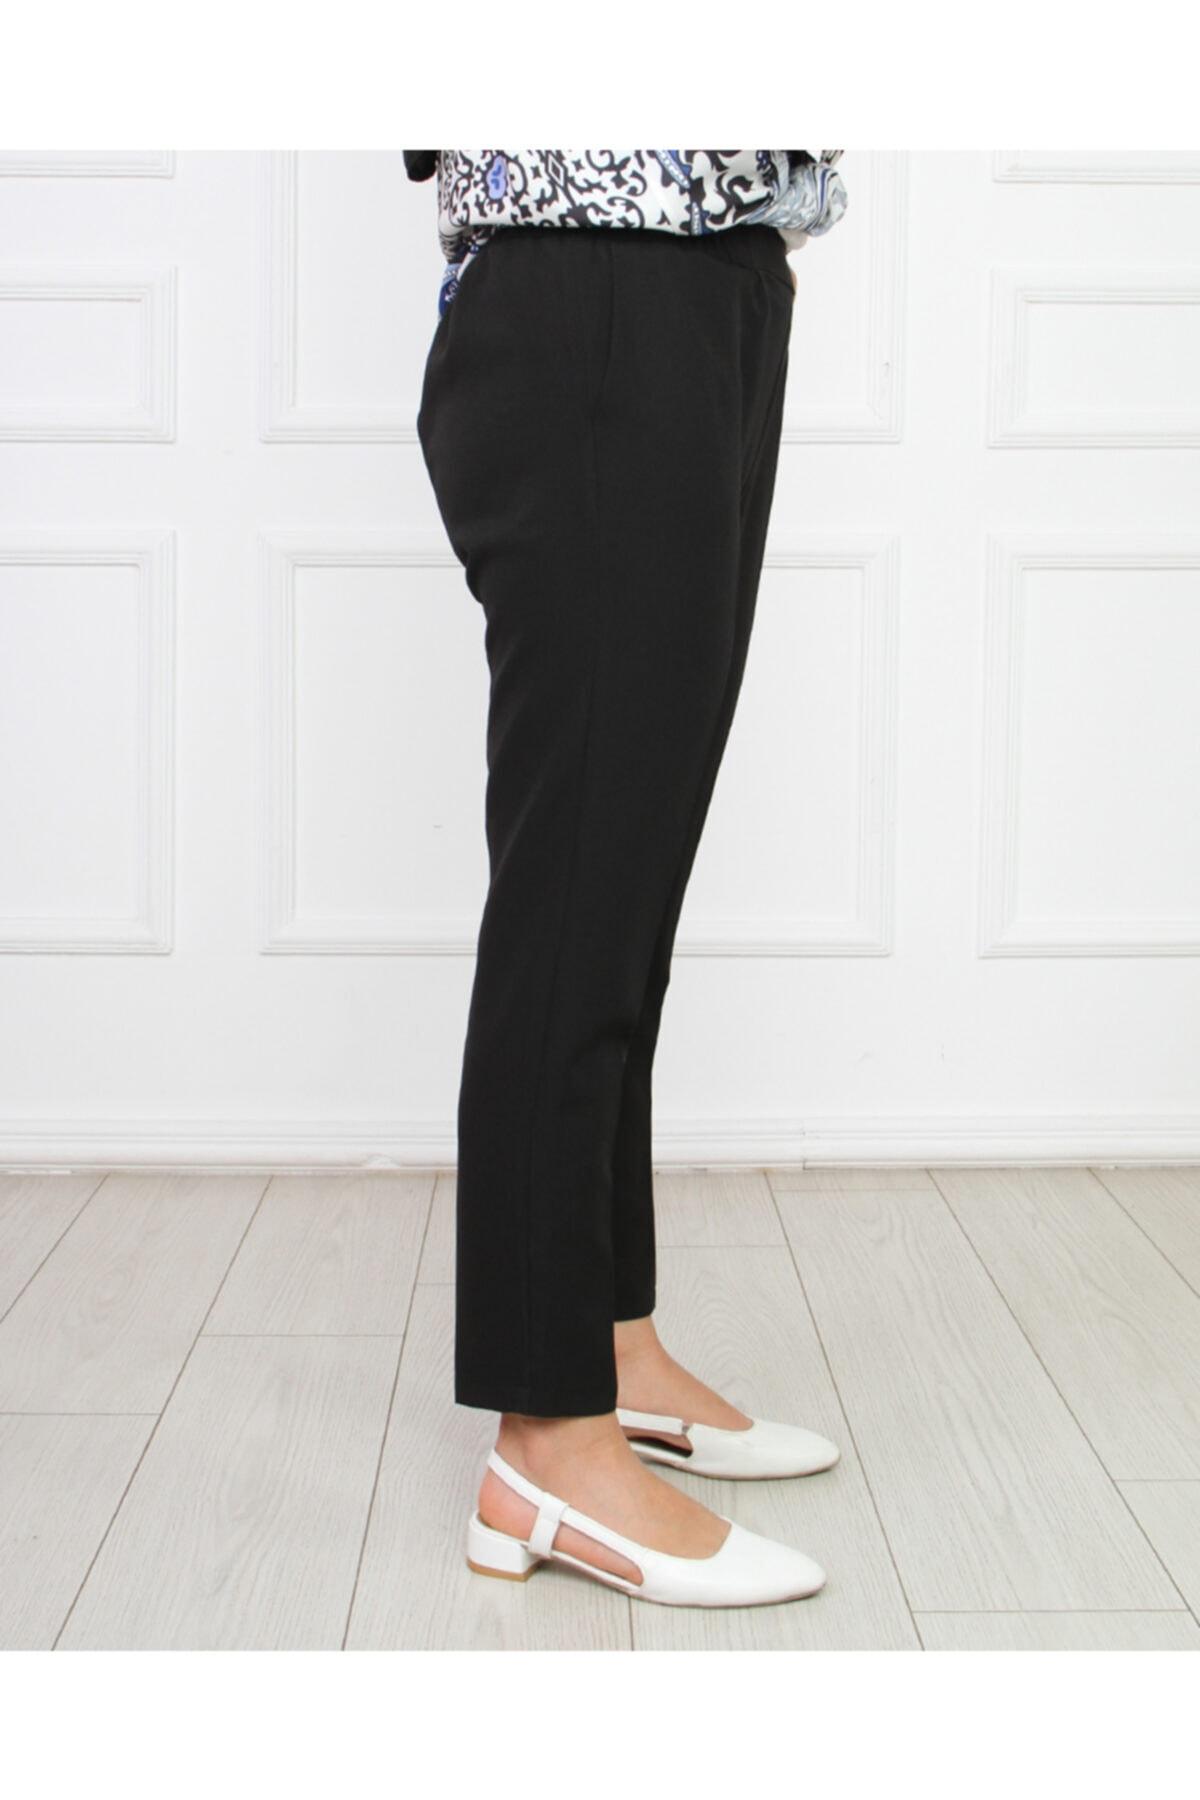 Hüma Sultan Kadın Siyah Kalem Bel Lastik Pantolon Pnt-2004 2